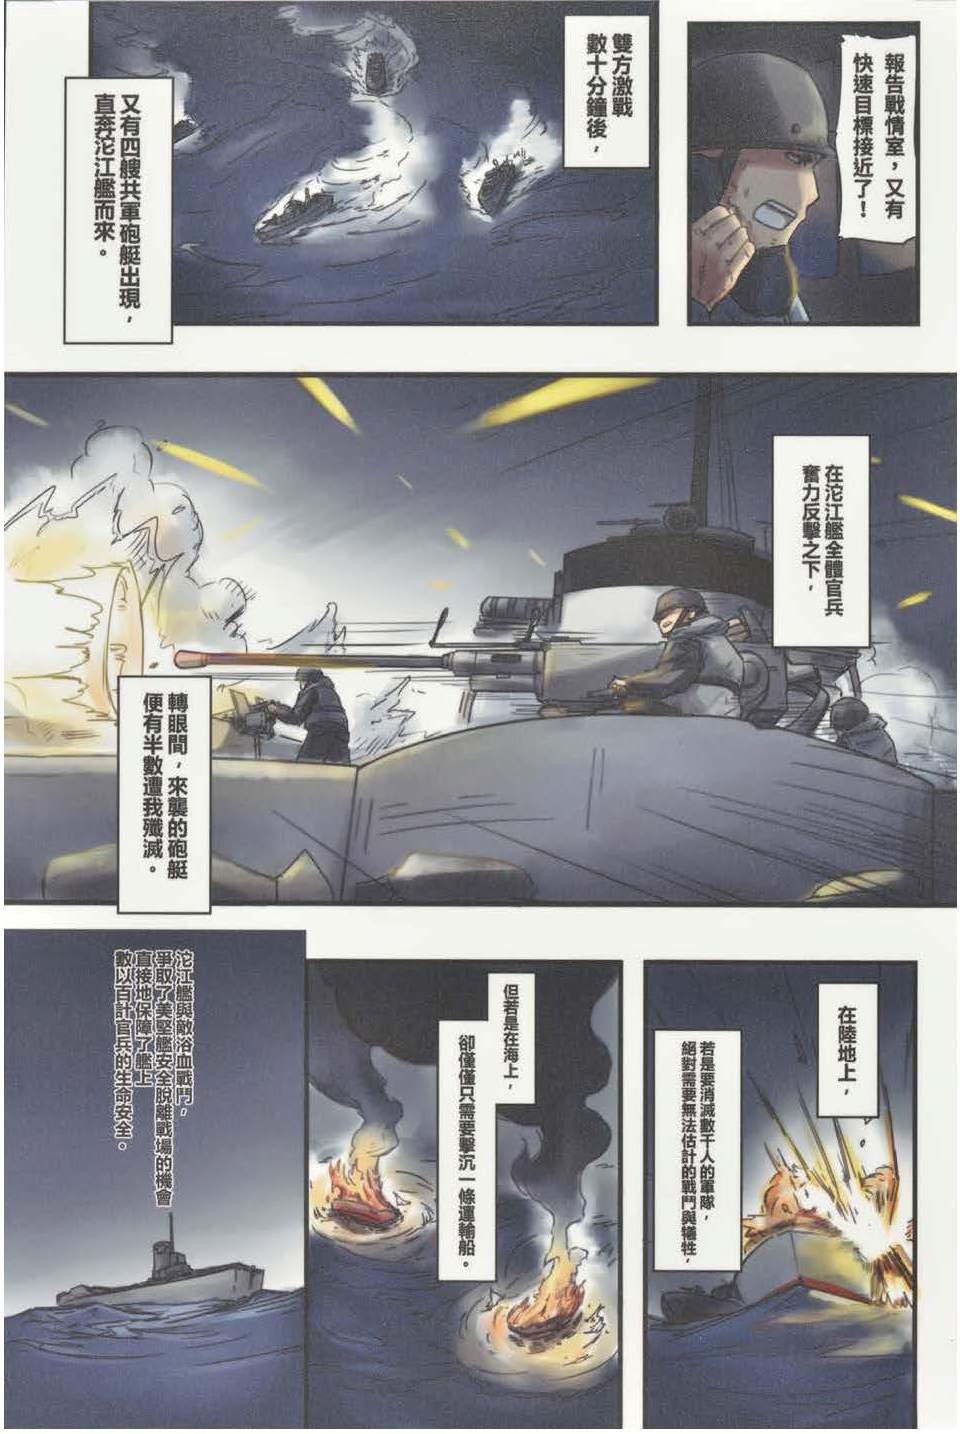 第50屆漫畫類金像獎作品_傳承6_張哲綱.jpg